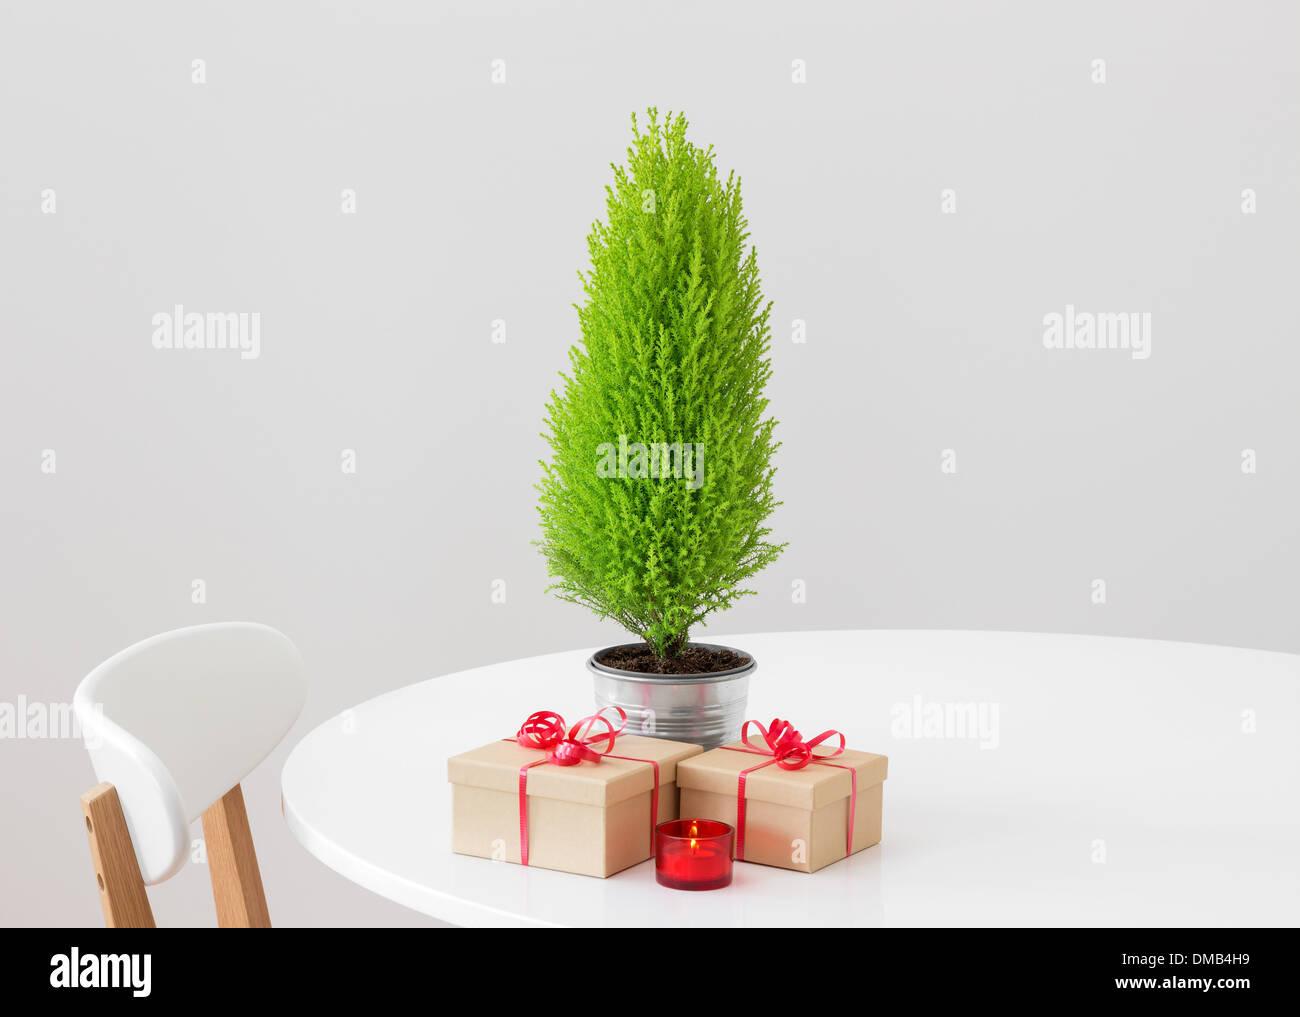 Fir Tree Pot Stock Photos Fir Tree Pot Stock Images Alamy